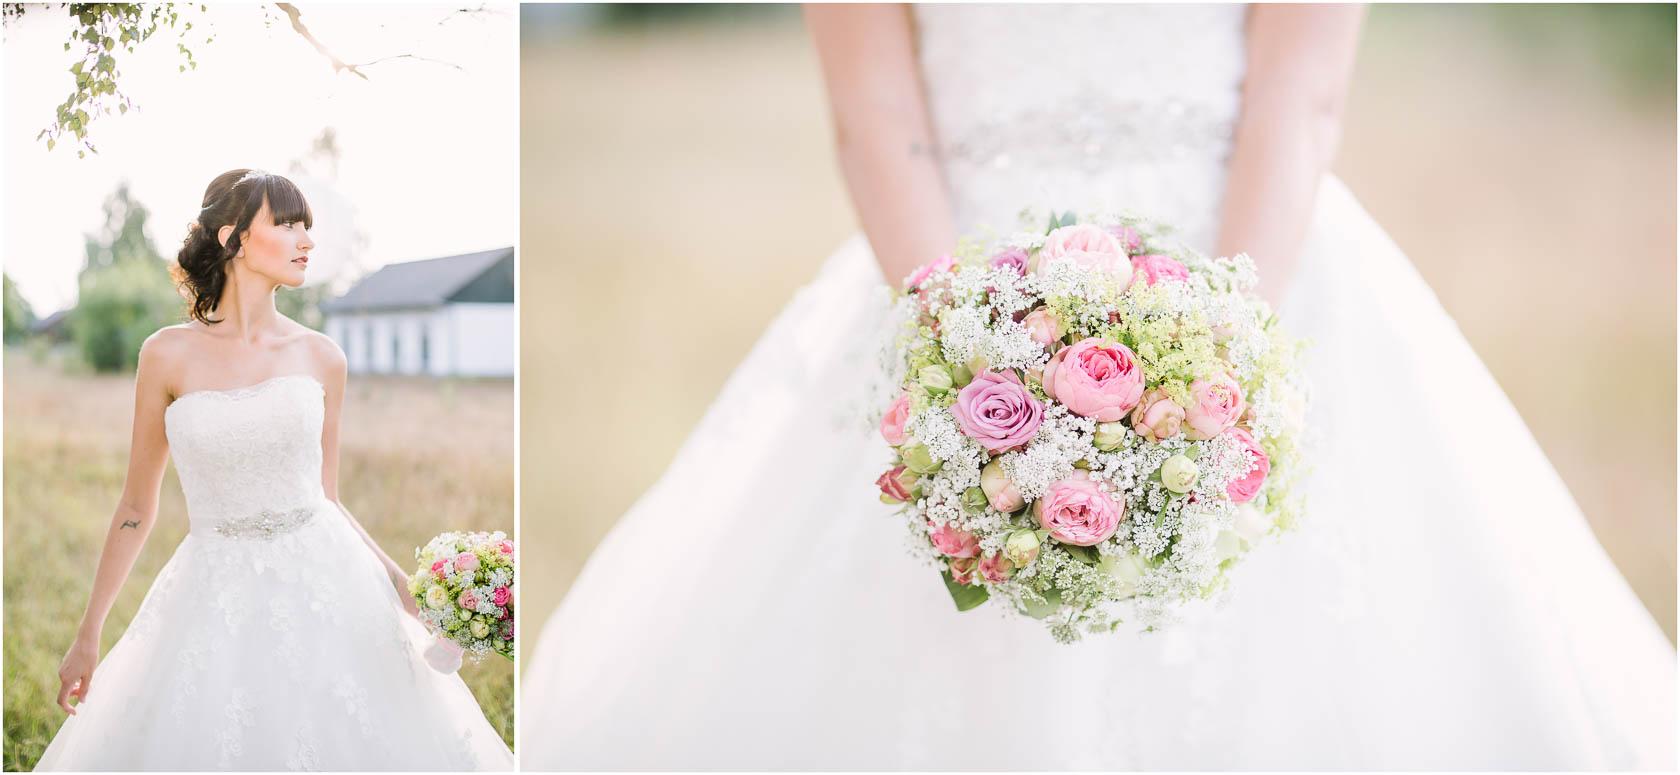 Styled Wedding Shoot Bridal Inspiration DIY und Pastell Brautstrauss und Hochzeitskleid